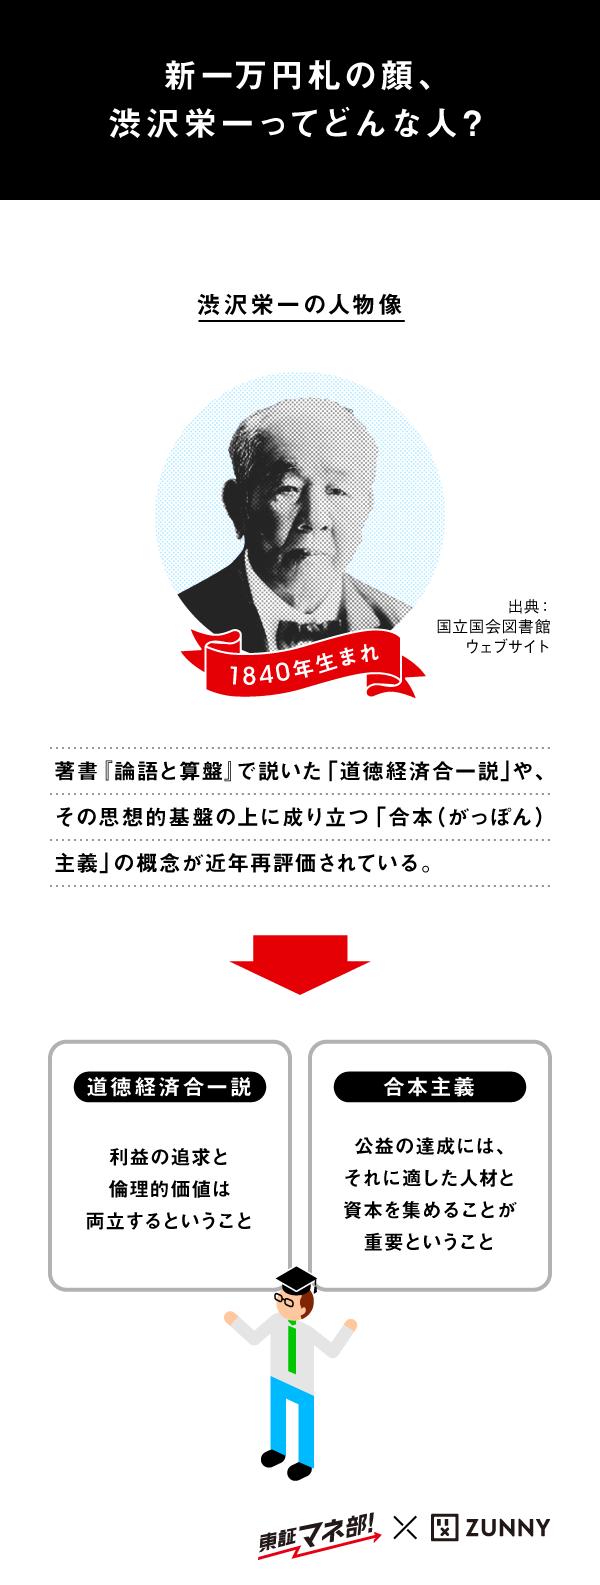 どんな 渋沢 人 栄一 【納得】渋沢栄一に学ぶ「論語と算盤」の経営【なぜ渋沢栄一が読まれるのか】